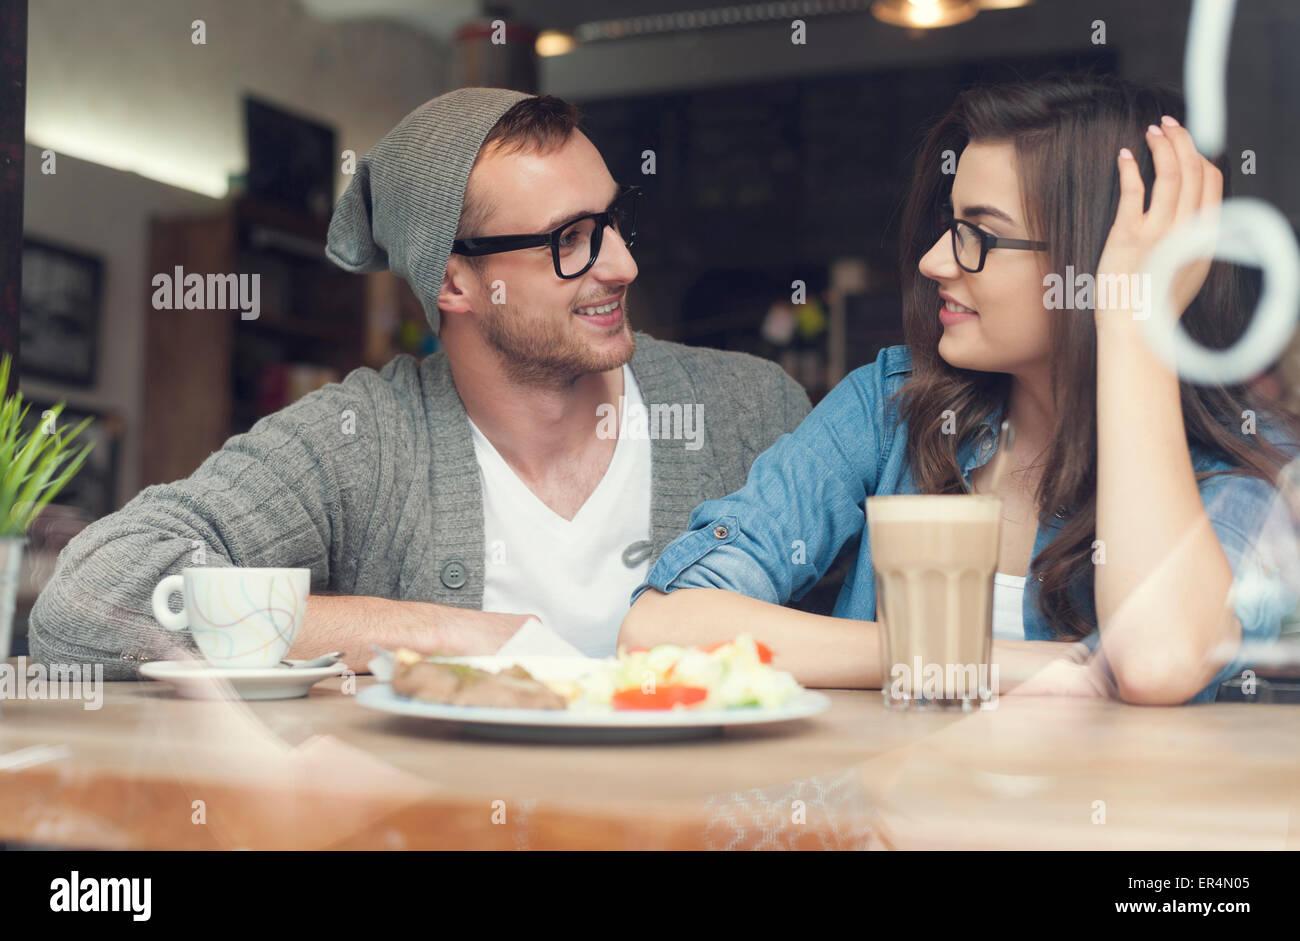 Jeune couple de passer du temps ensemble dans un restaurant. Cracovie, Pologne Photo Stock